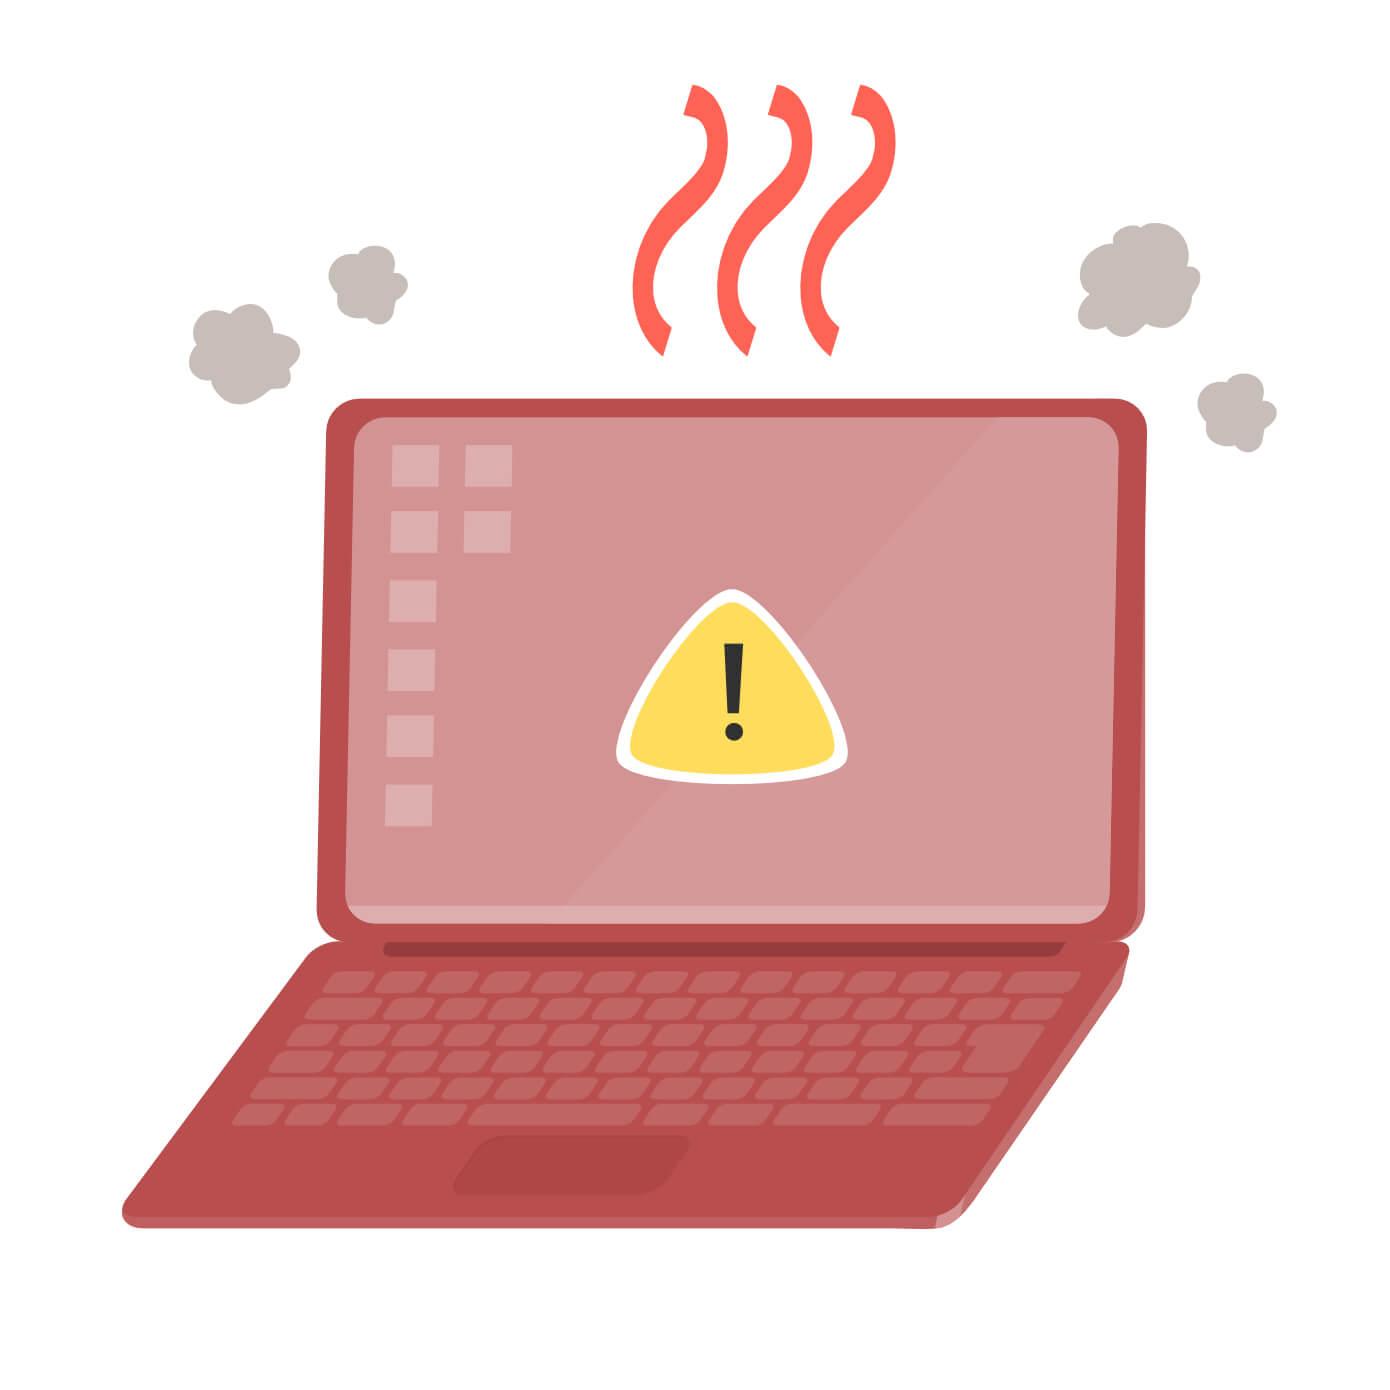 パソコンのタッチパッドが動かない・反応しない原因-2